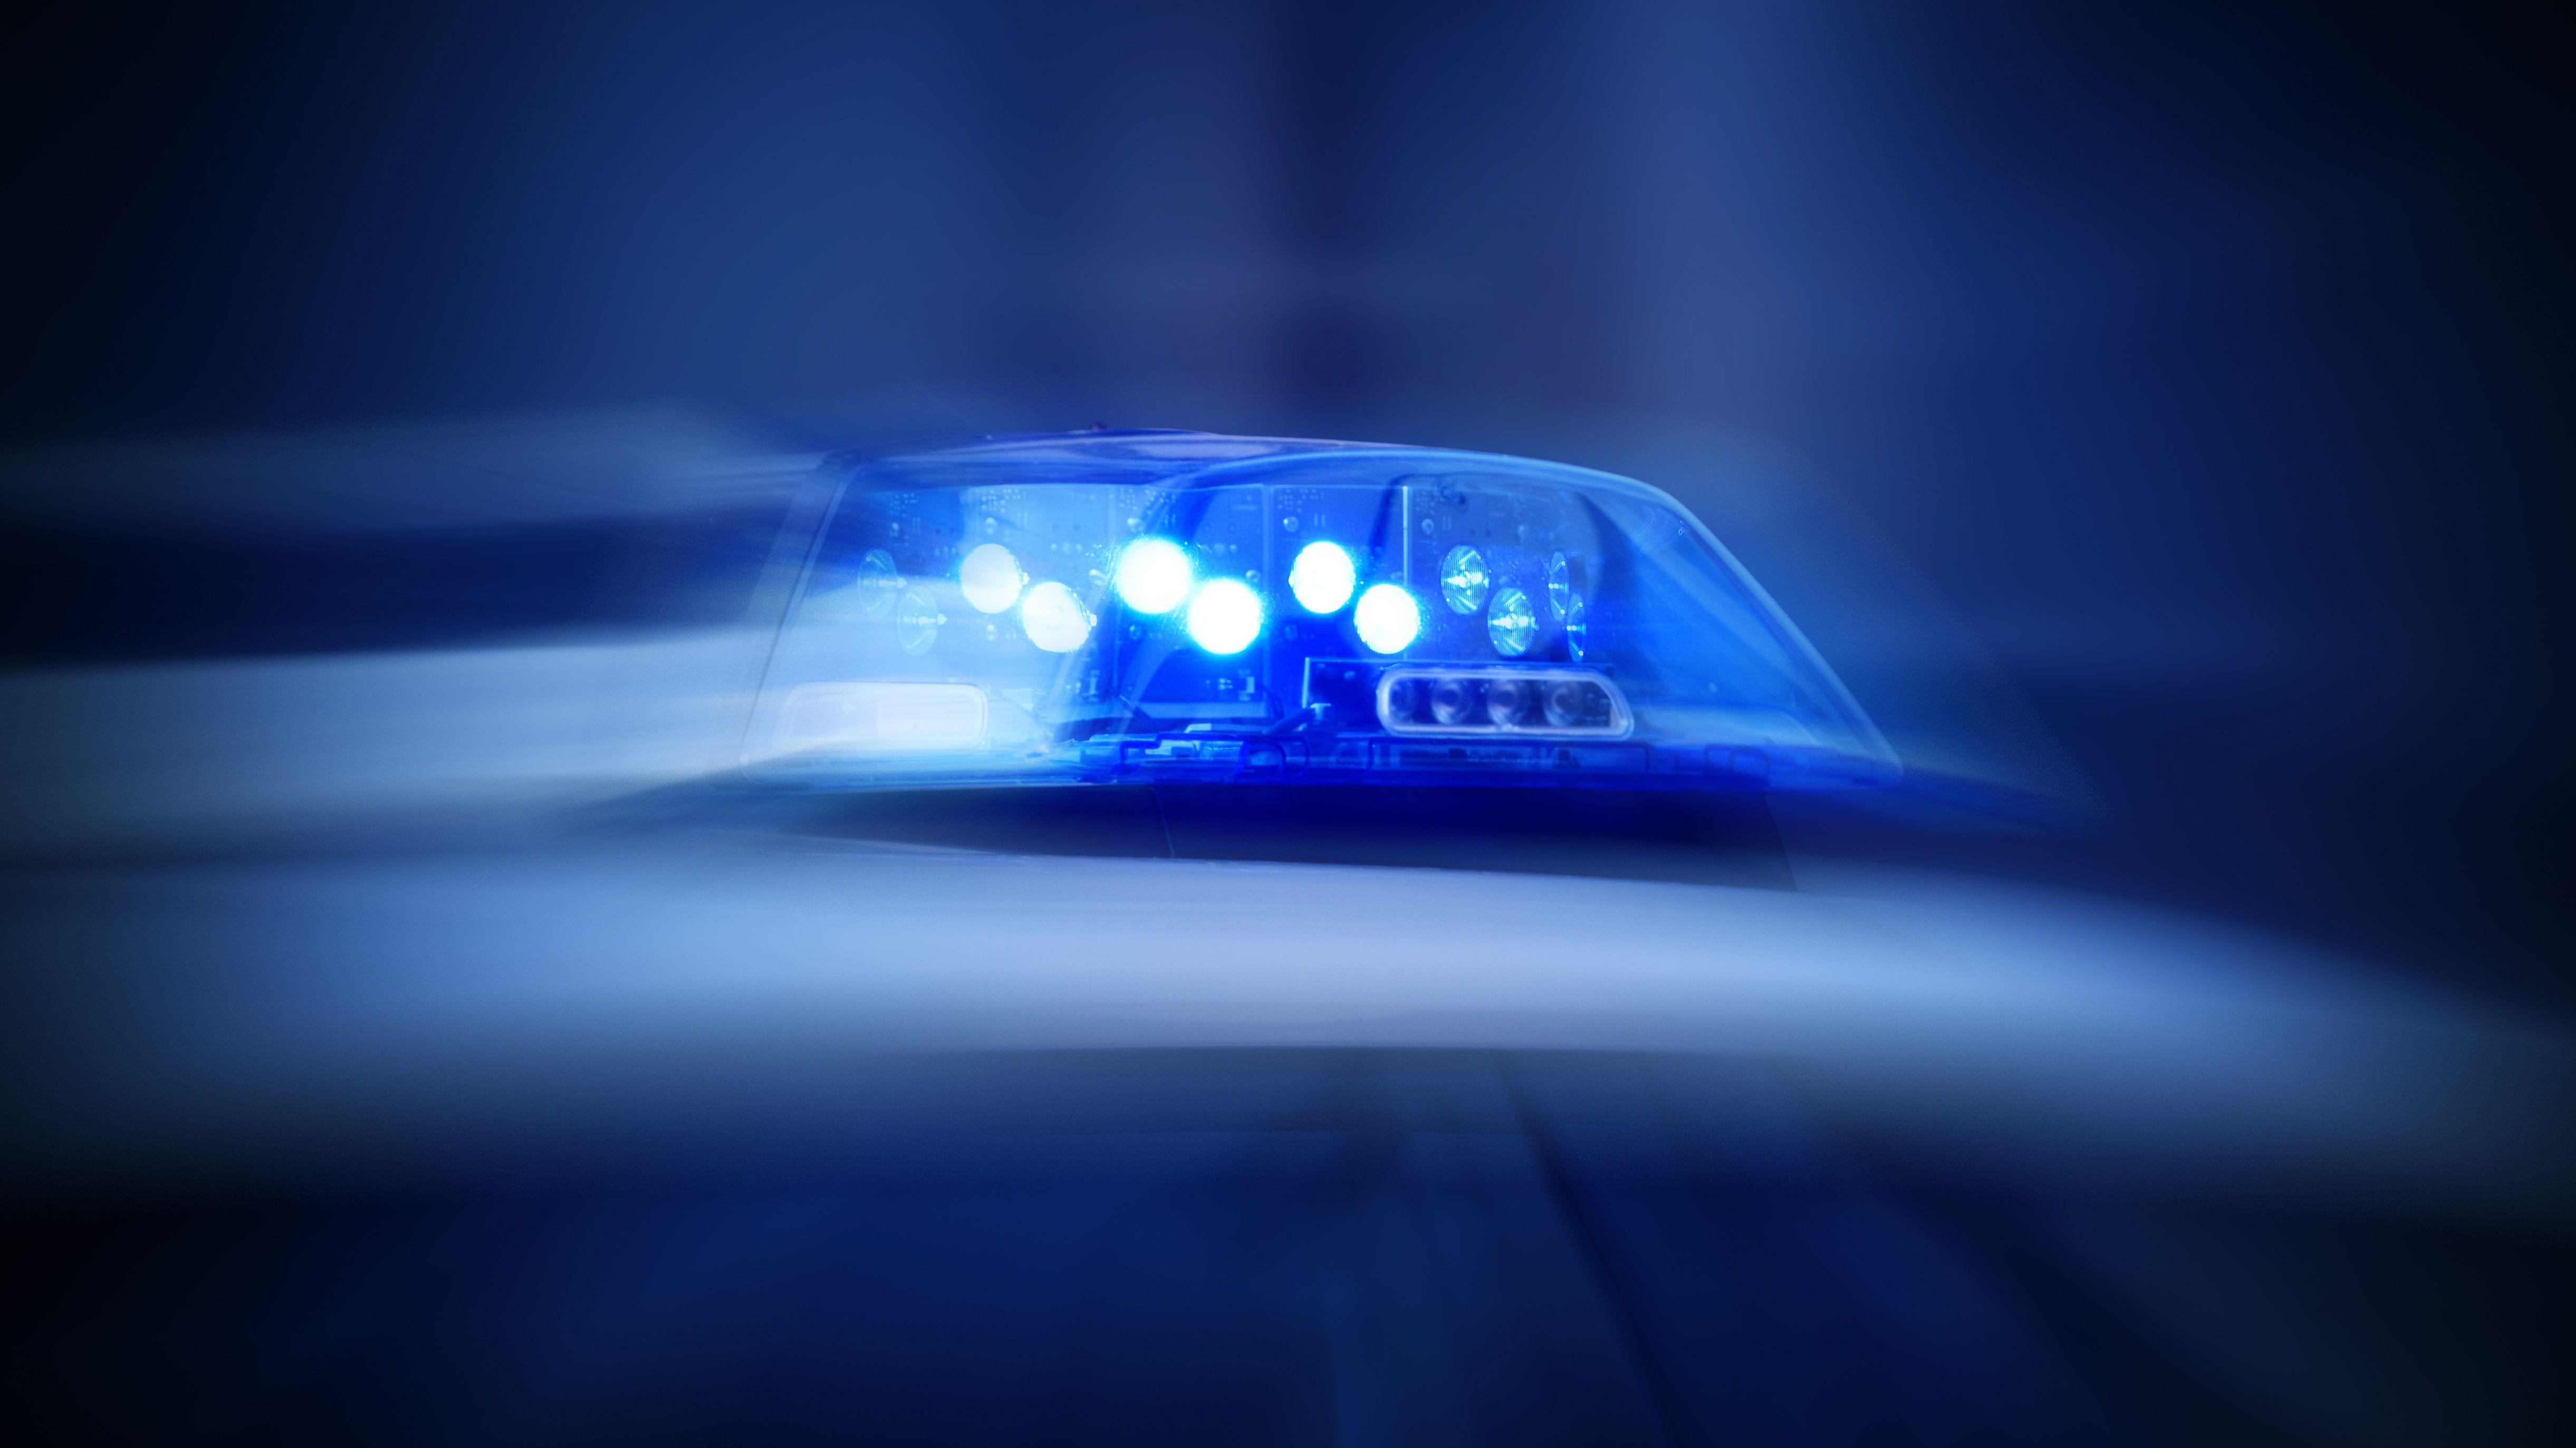 Symbolbild: Blaulicht auf Polizeiwagen